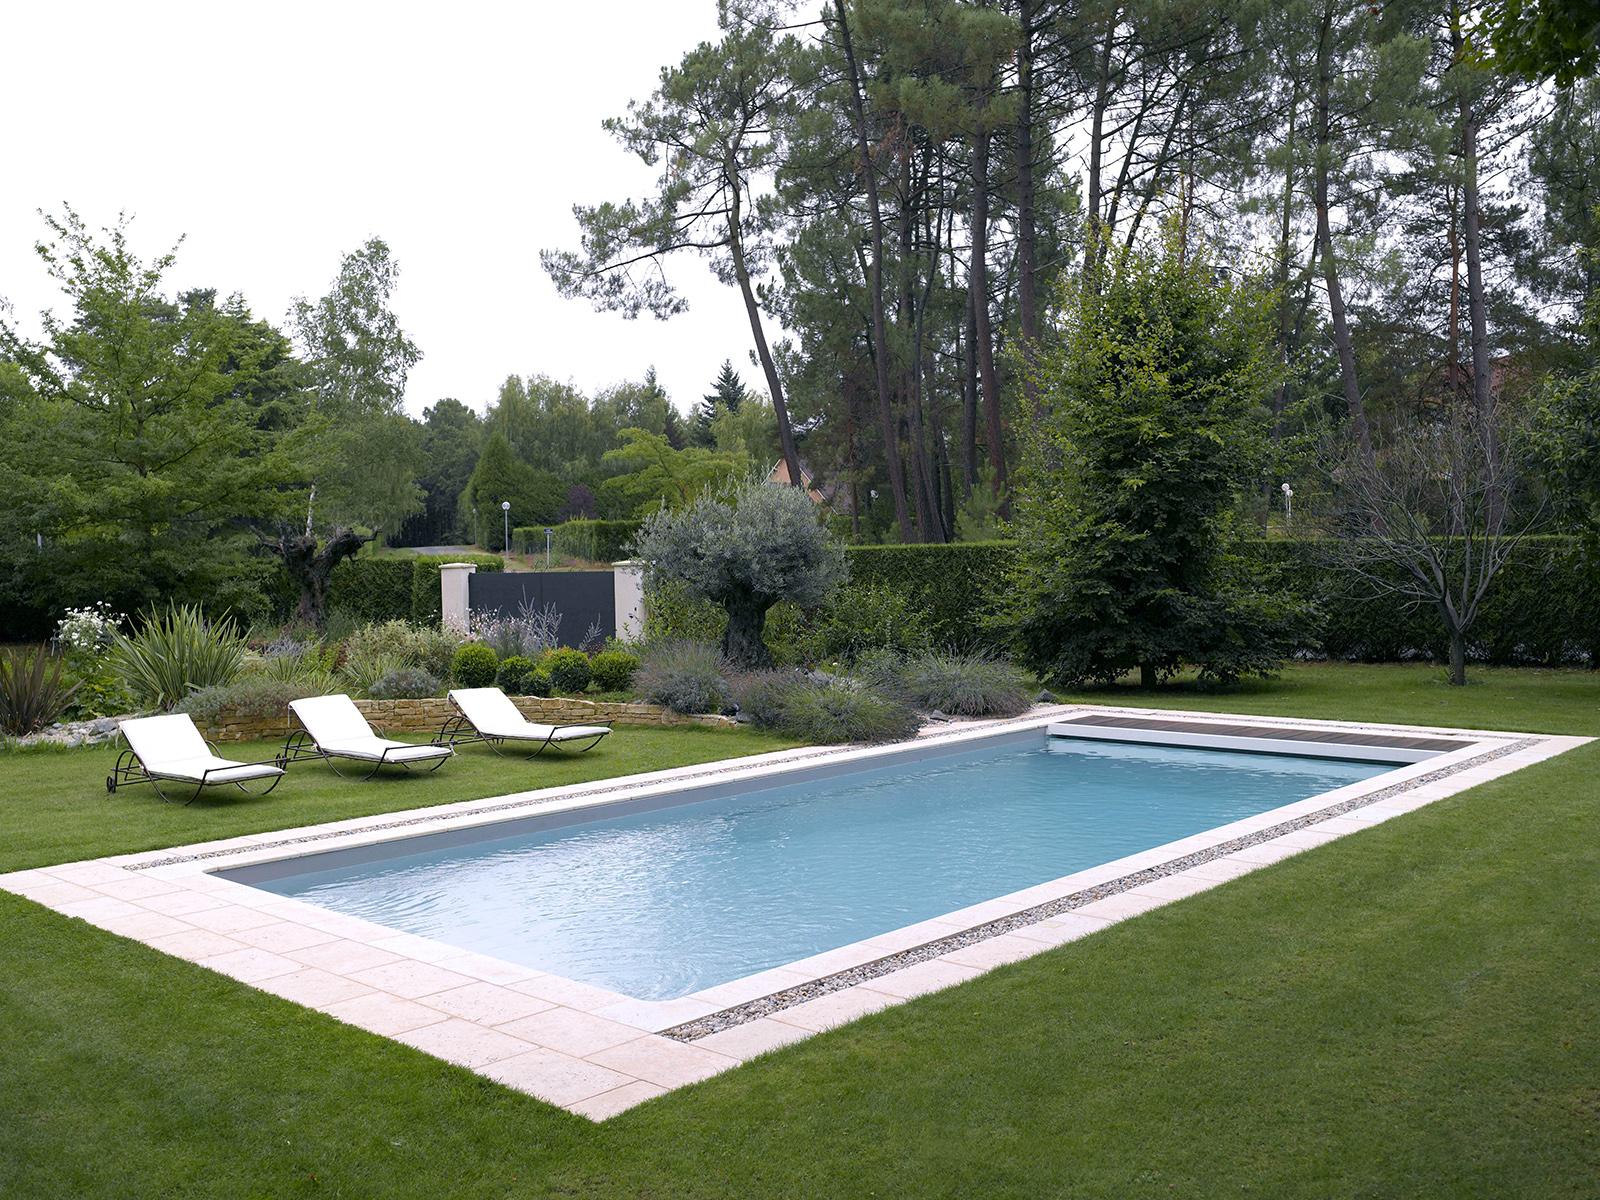 Piscine Familiale Avec Jardin Paysager | Piscines Carré Bleu encequiconcerne Piscine Chinon